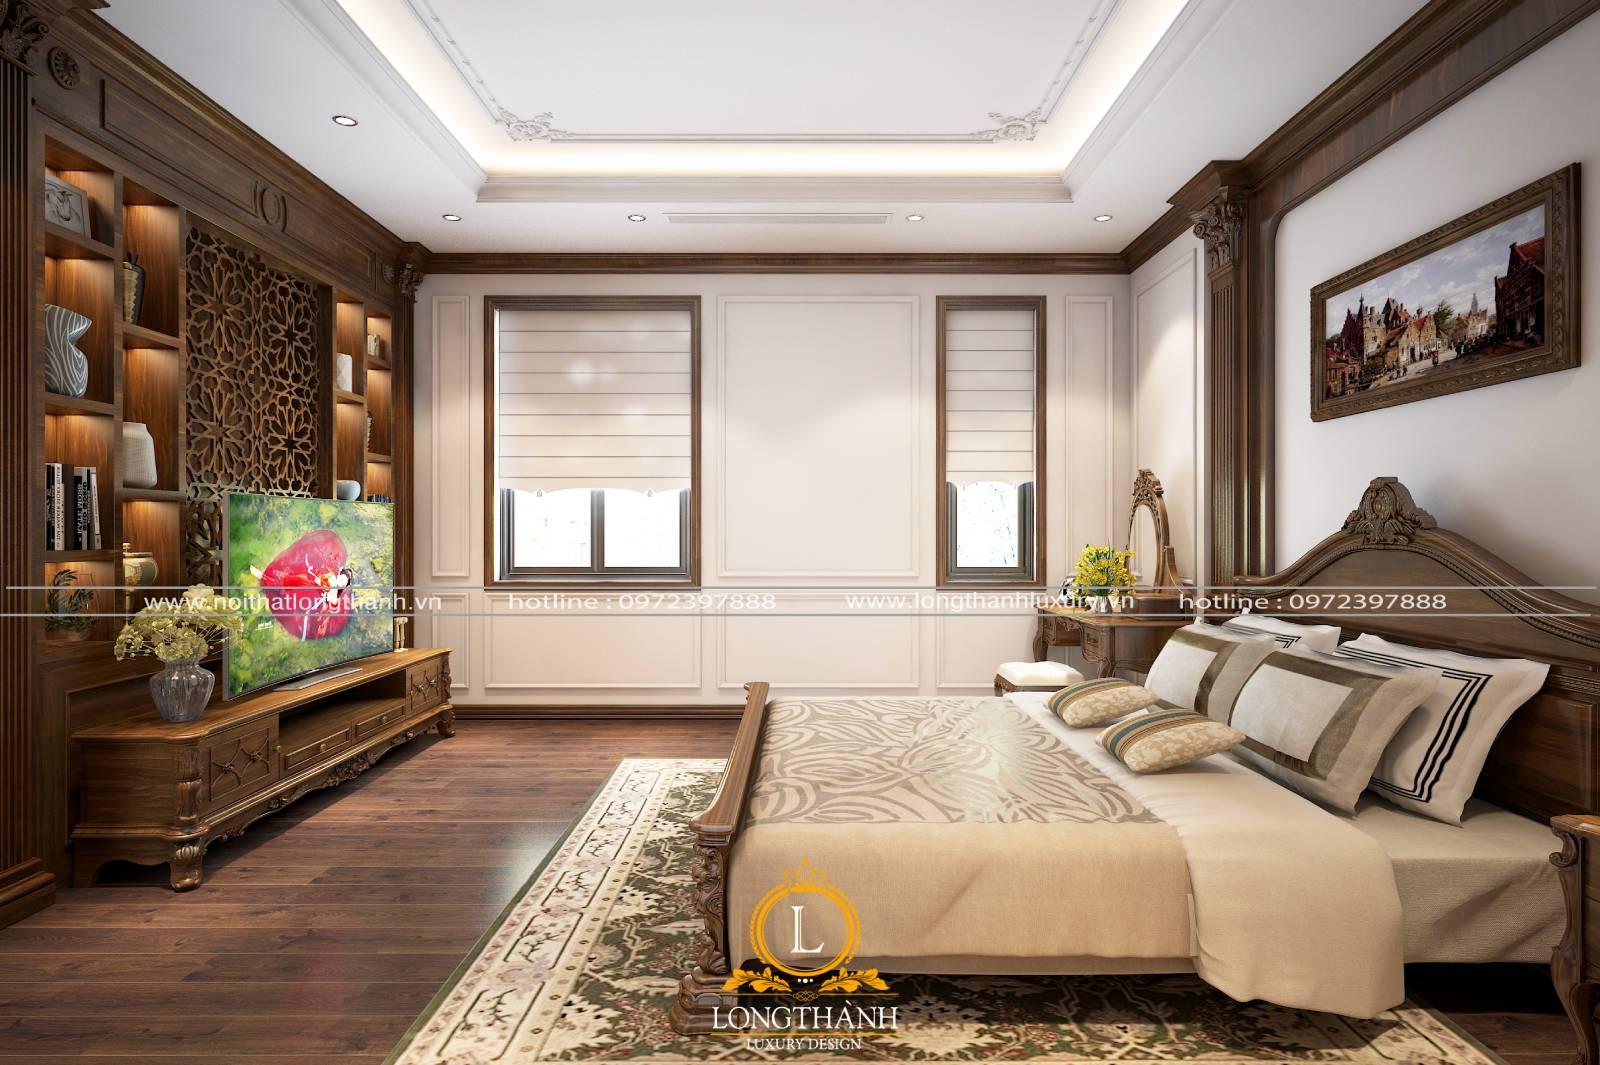 Màu sắc đồ nội thất phòng ngủ tân cổ điển đồng đều và hài hòa